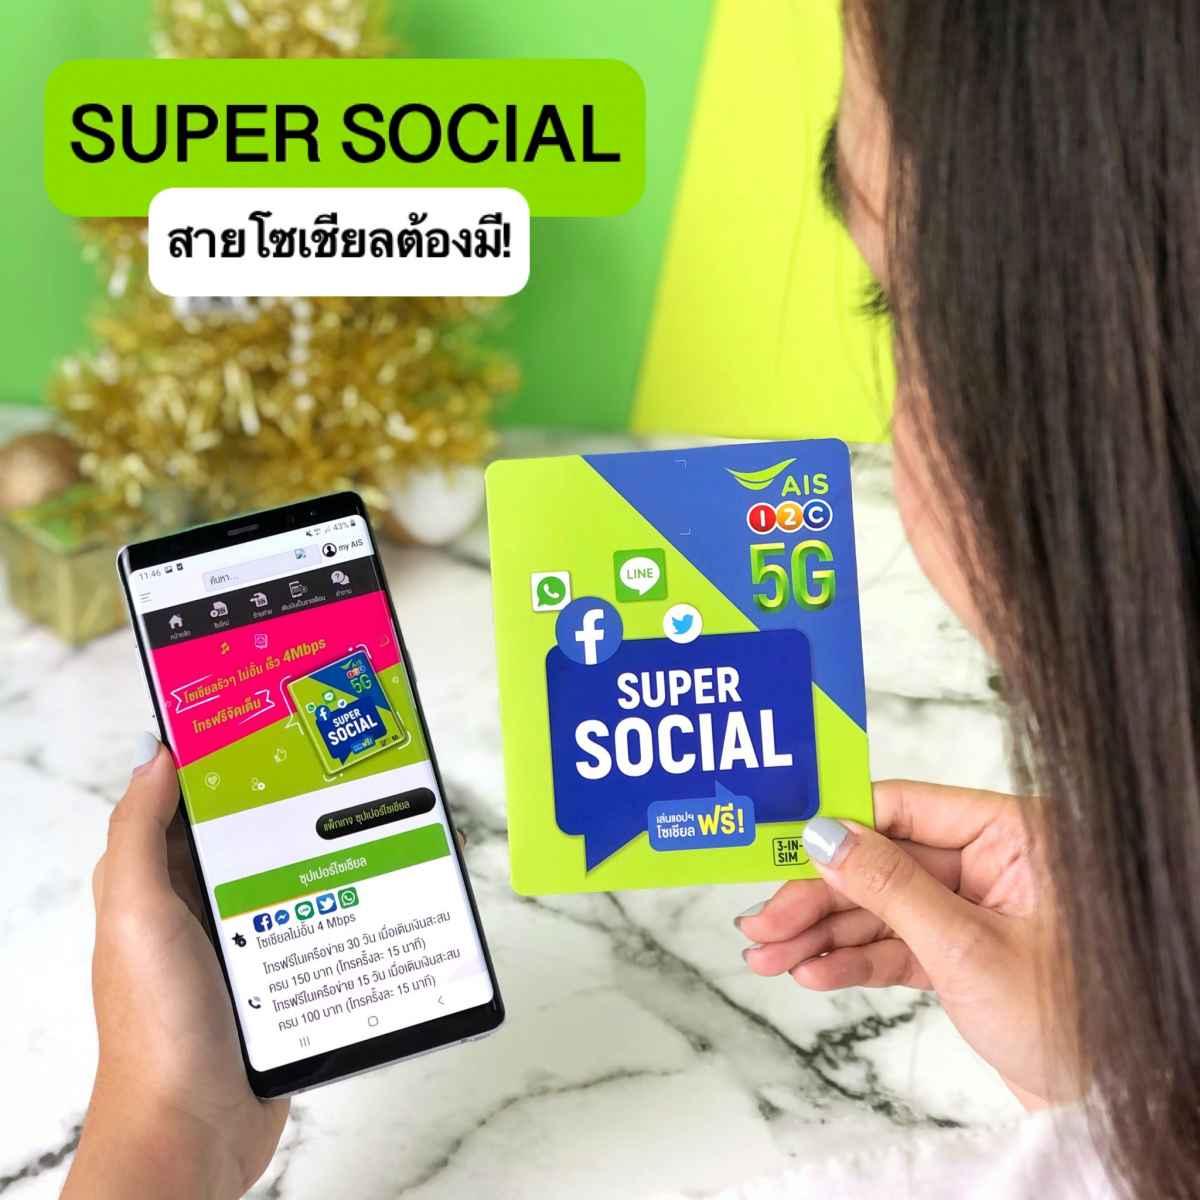 Super Social Sim